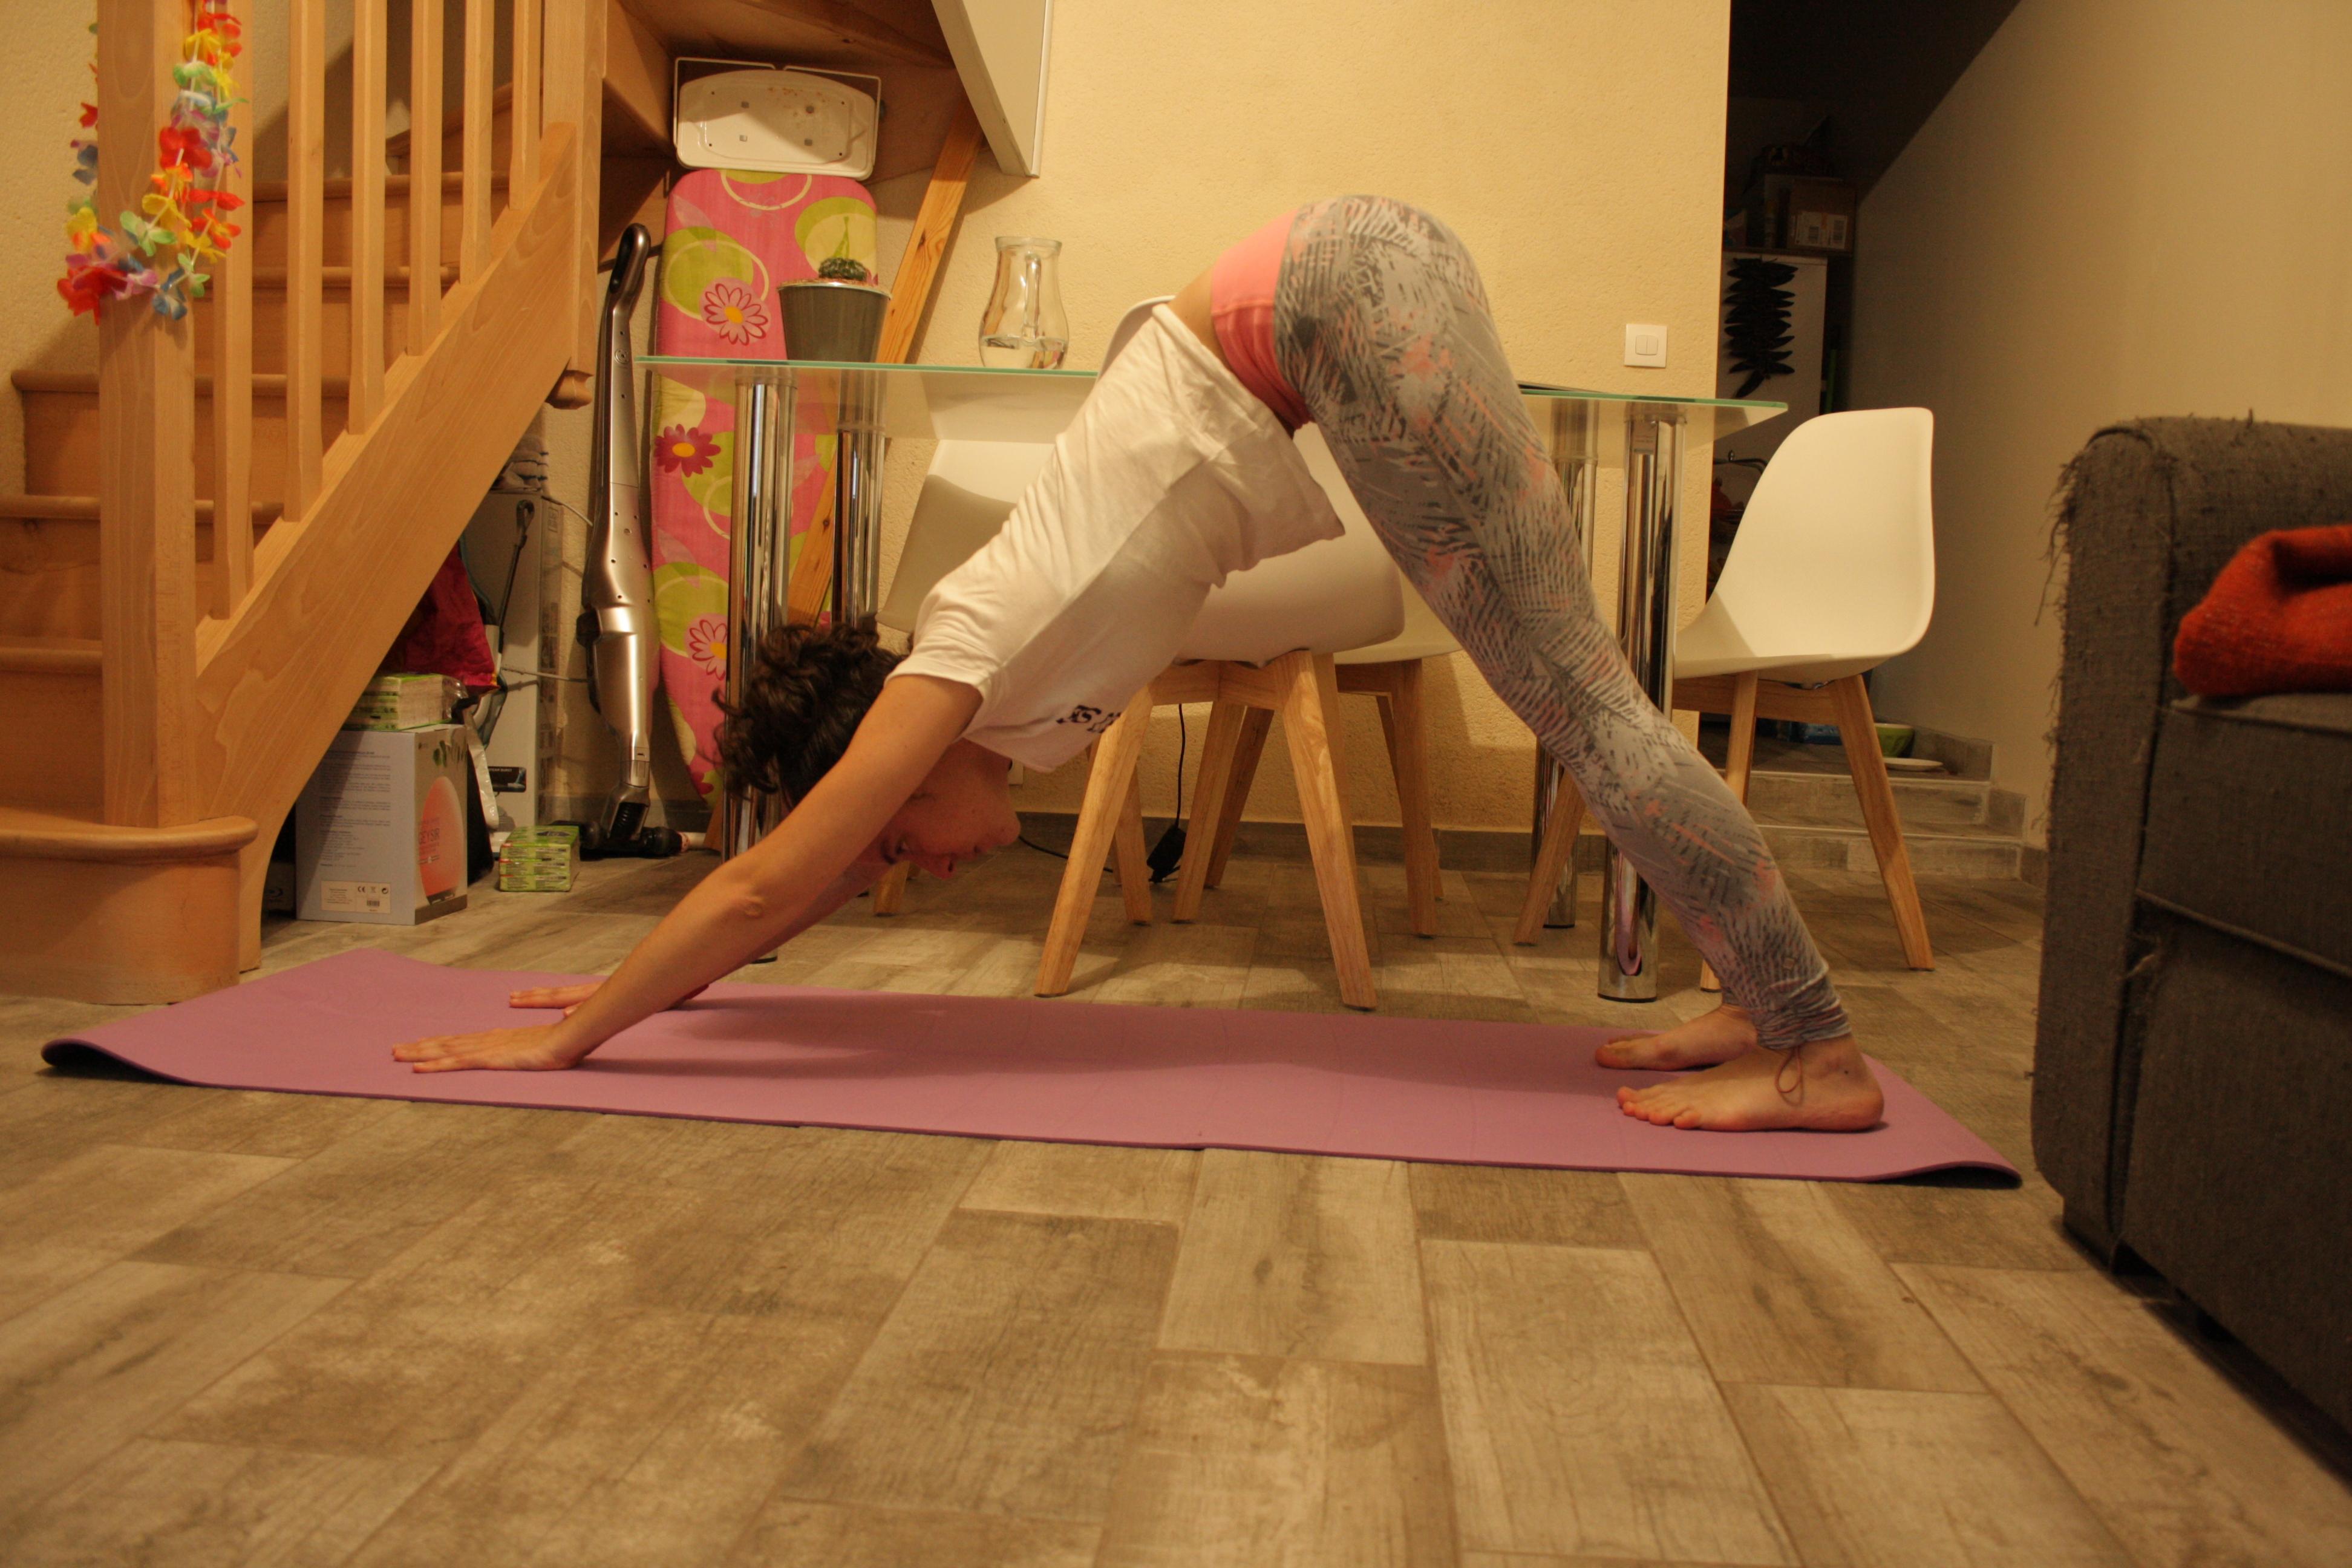 progres-yoga-chien-tete-en-bas